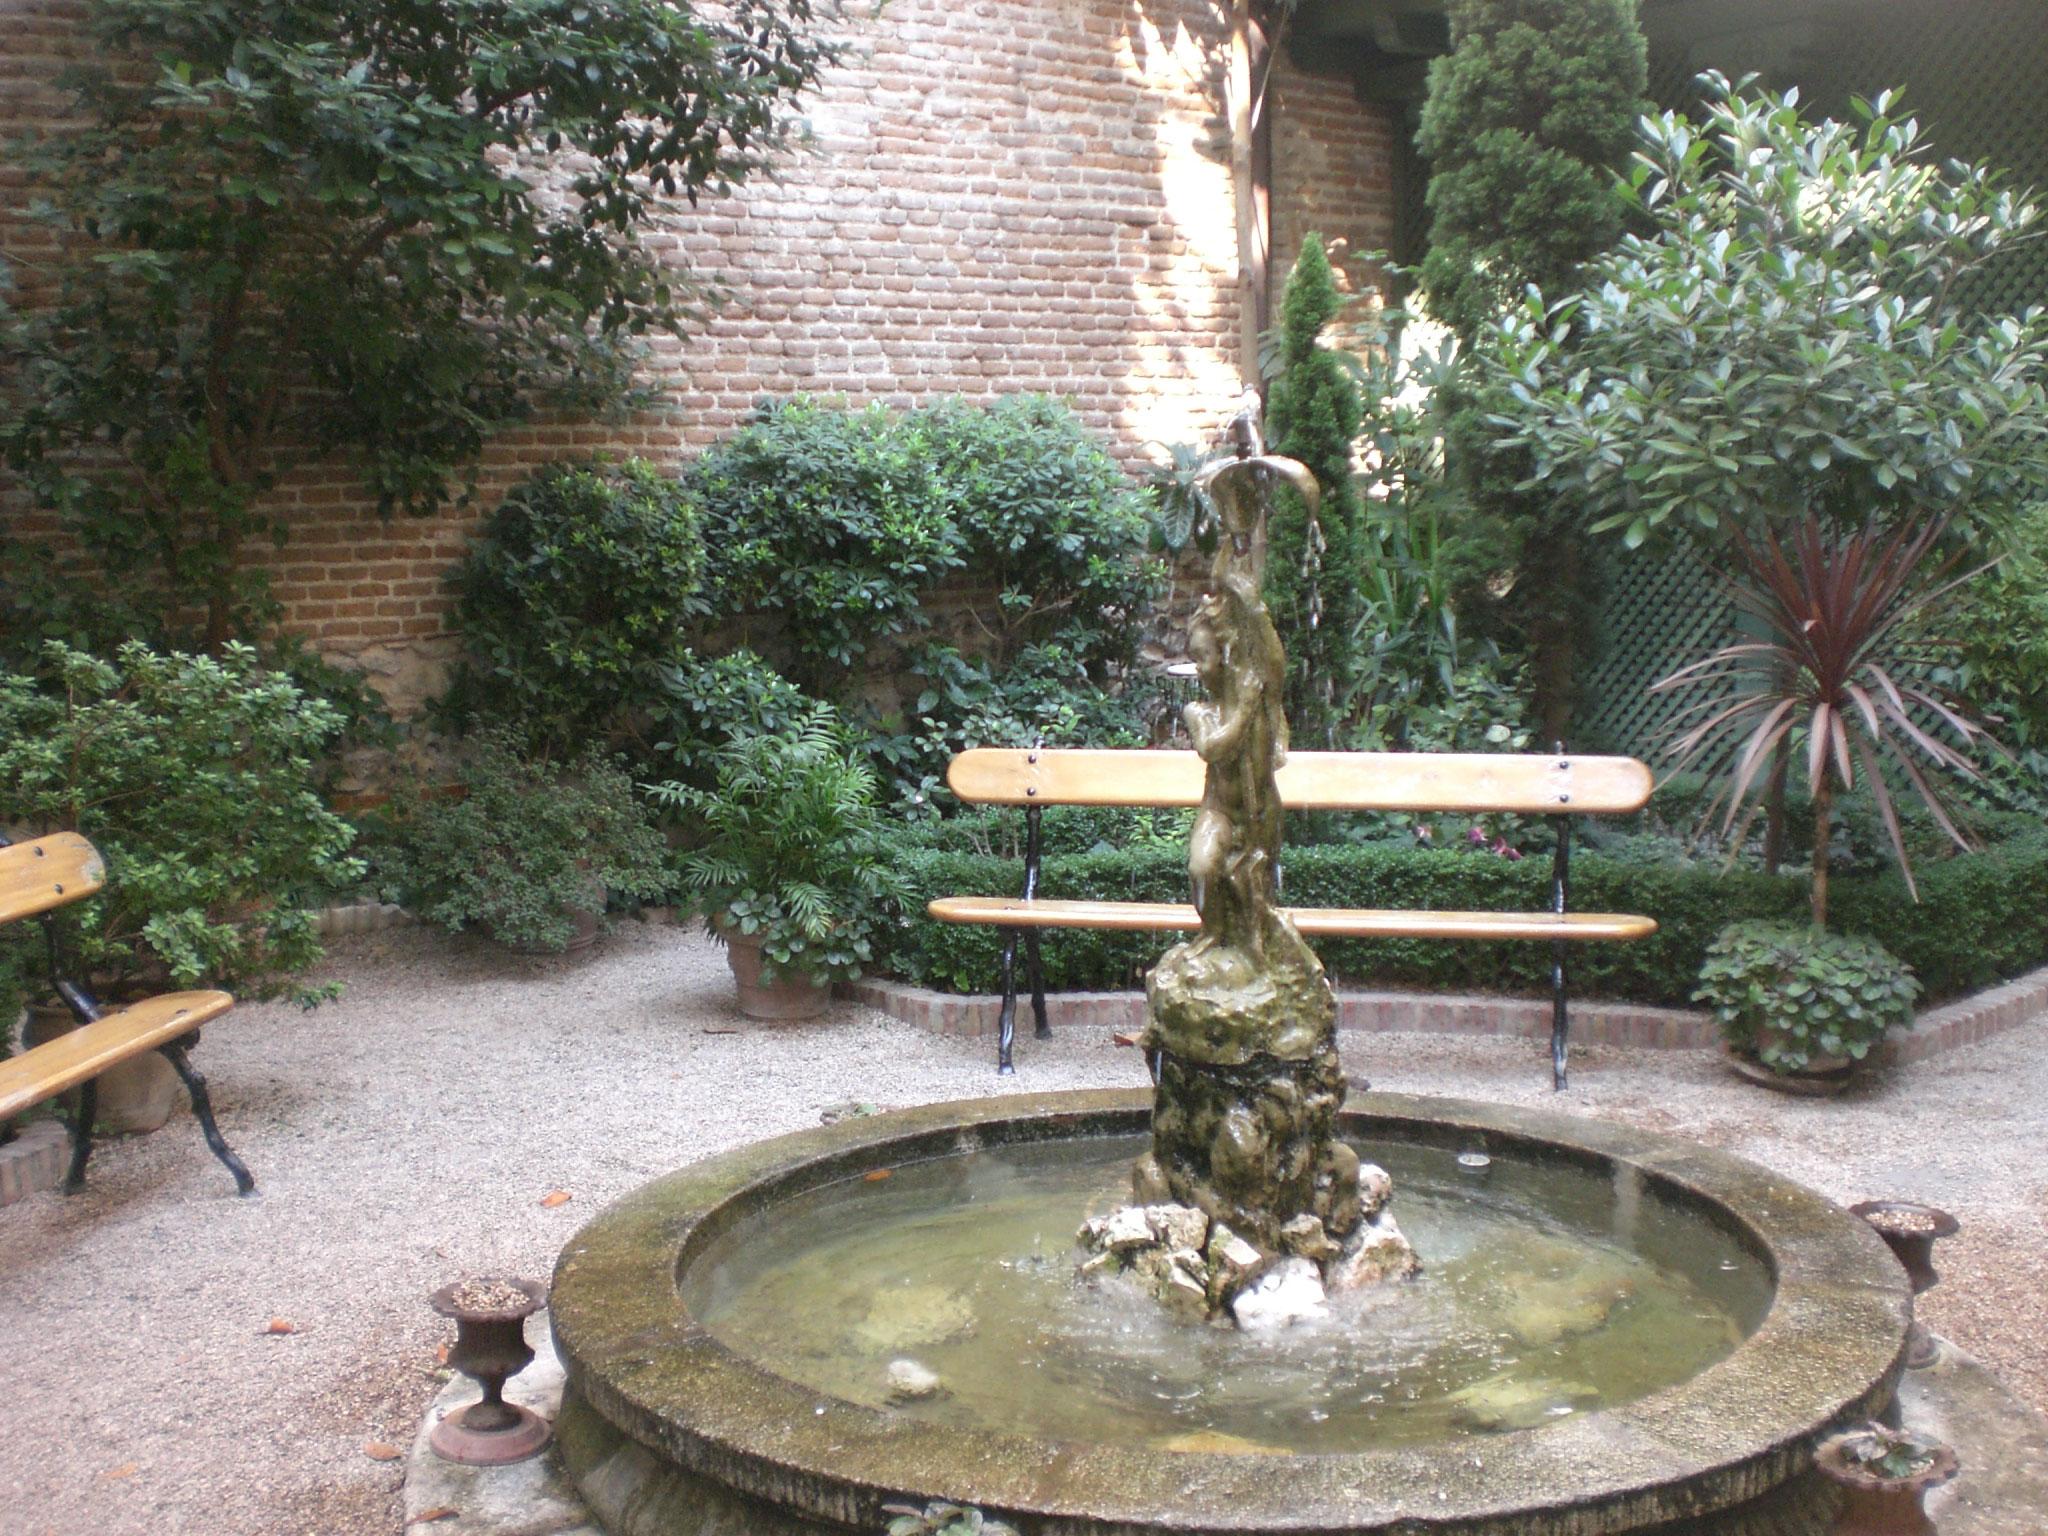 Caf del jard n missestratagemas for Libro jardin olvidado